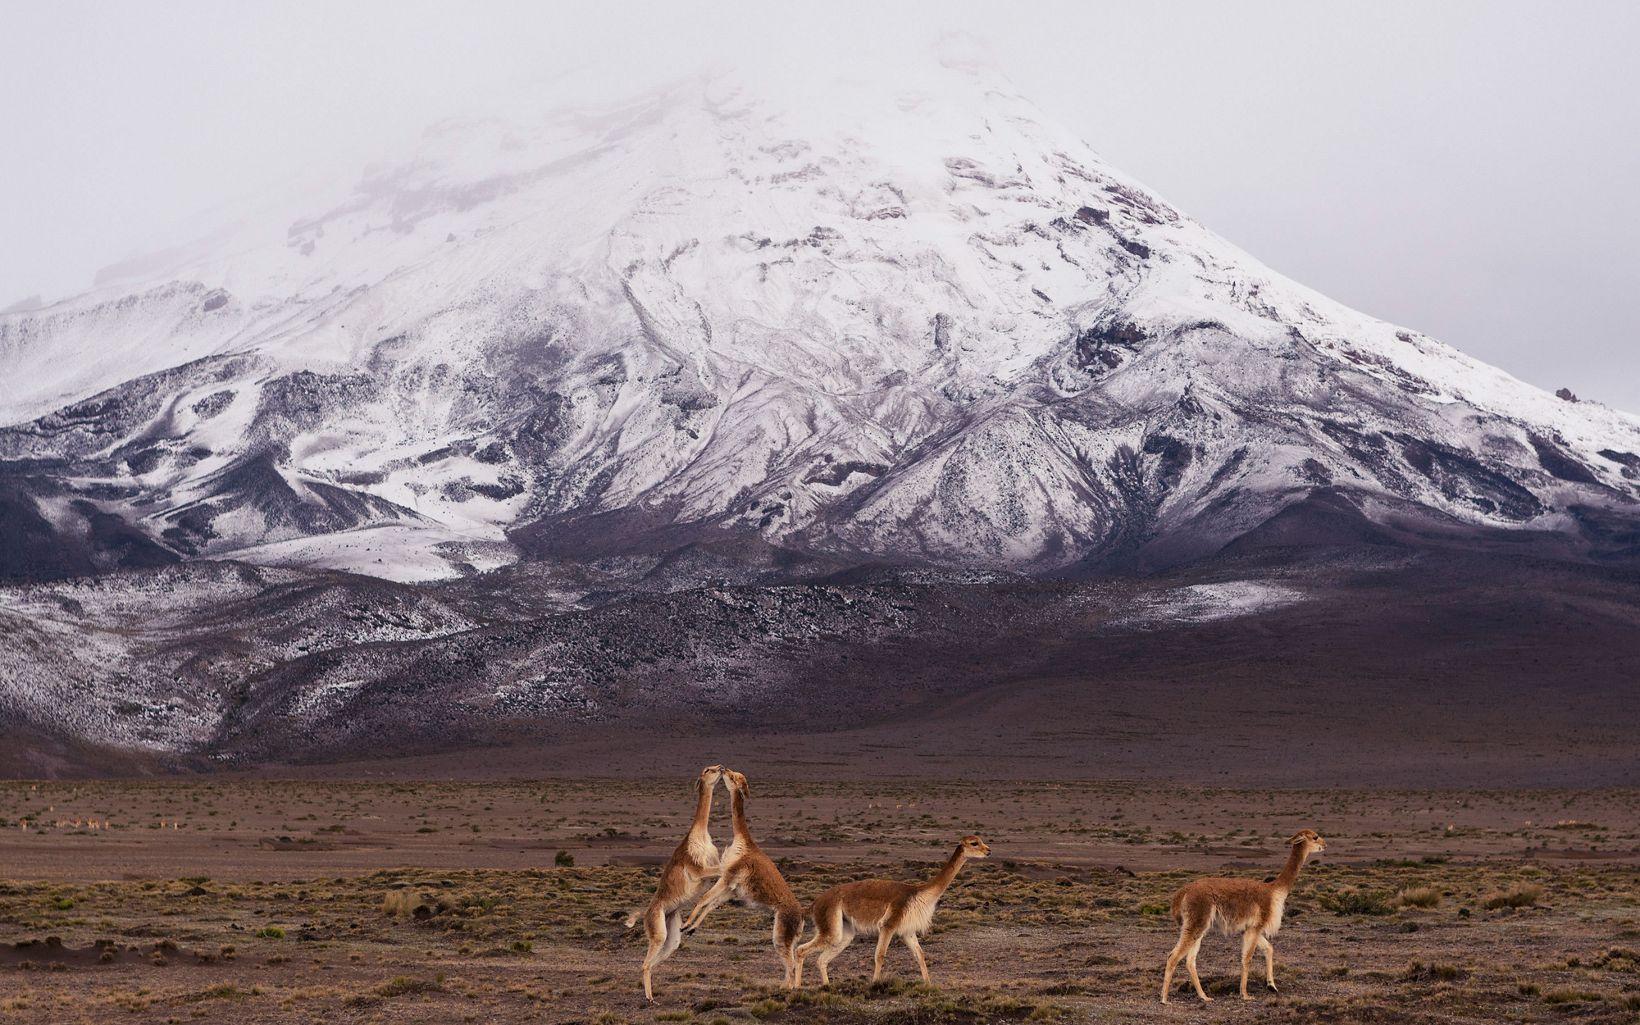 Un grupo de vicuñas juegan al frente del Chimborazo en Ecuador